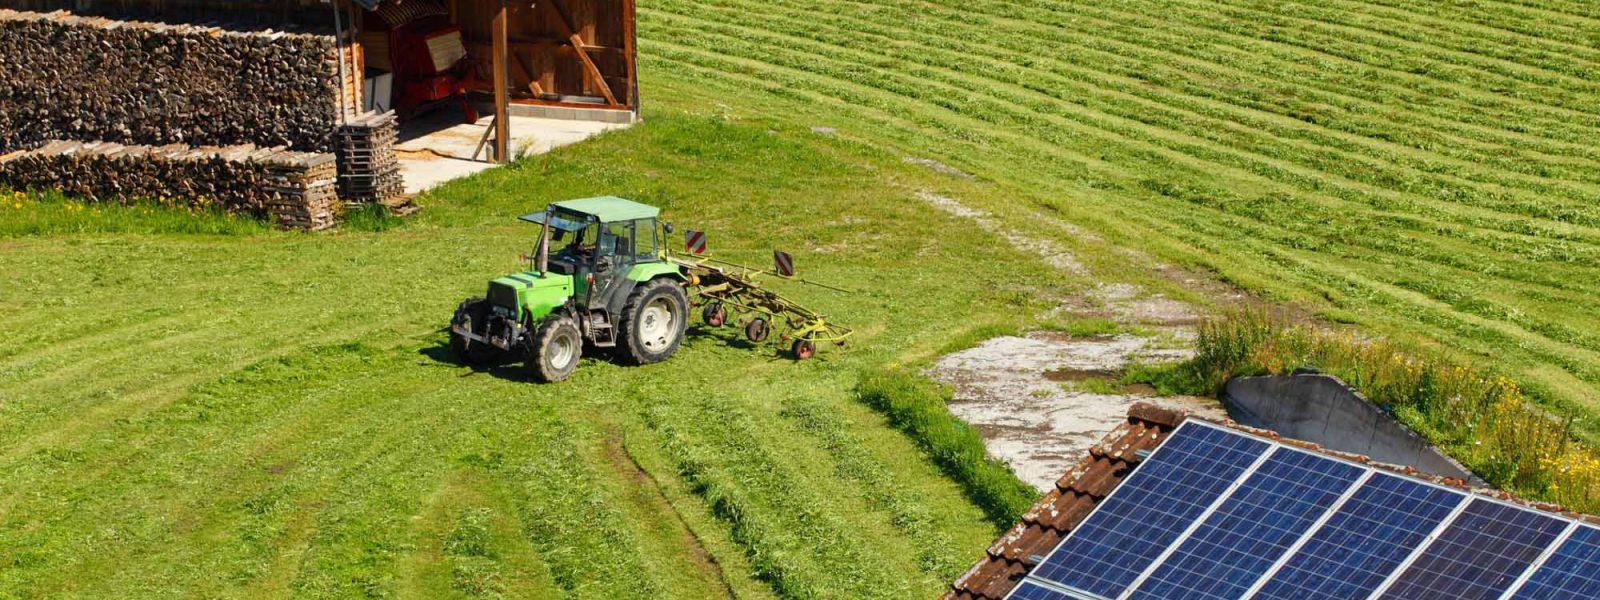 Zimny Batteriespeicher Kassel Landwirtschaft